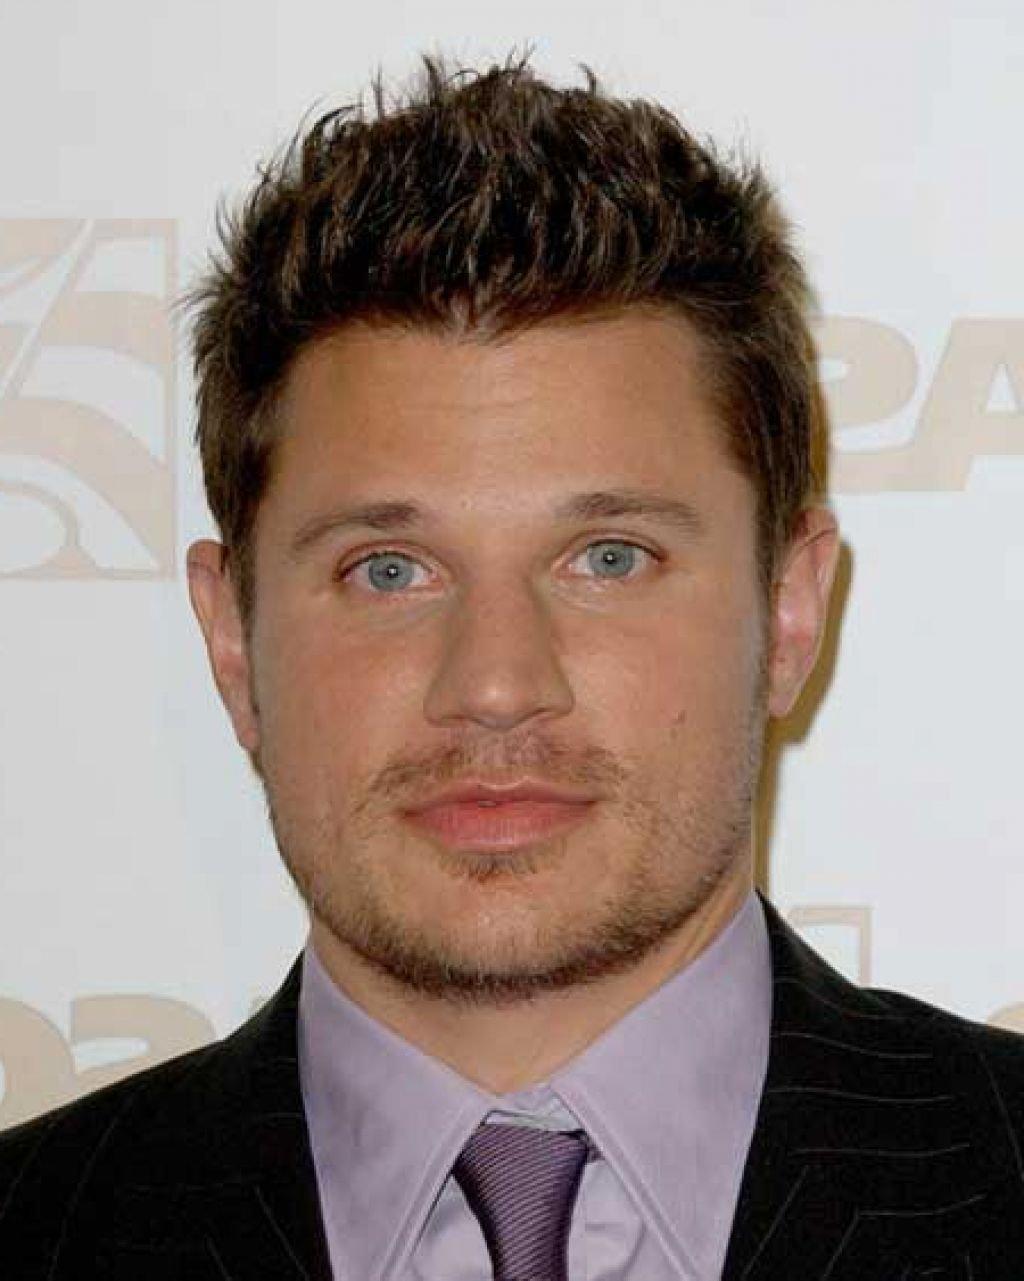 Фото мужская причёска круглое лицо